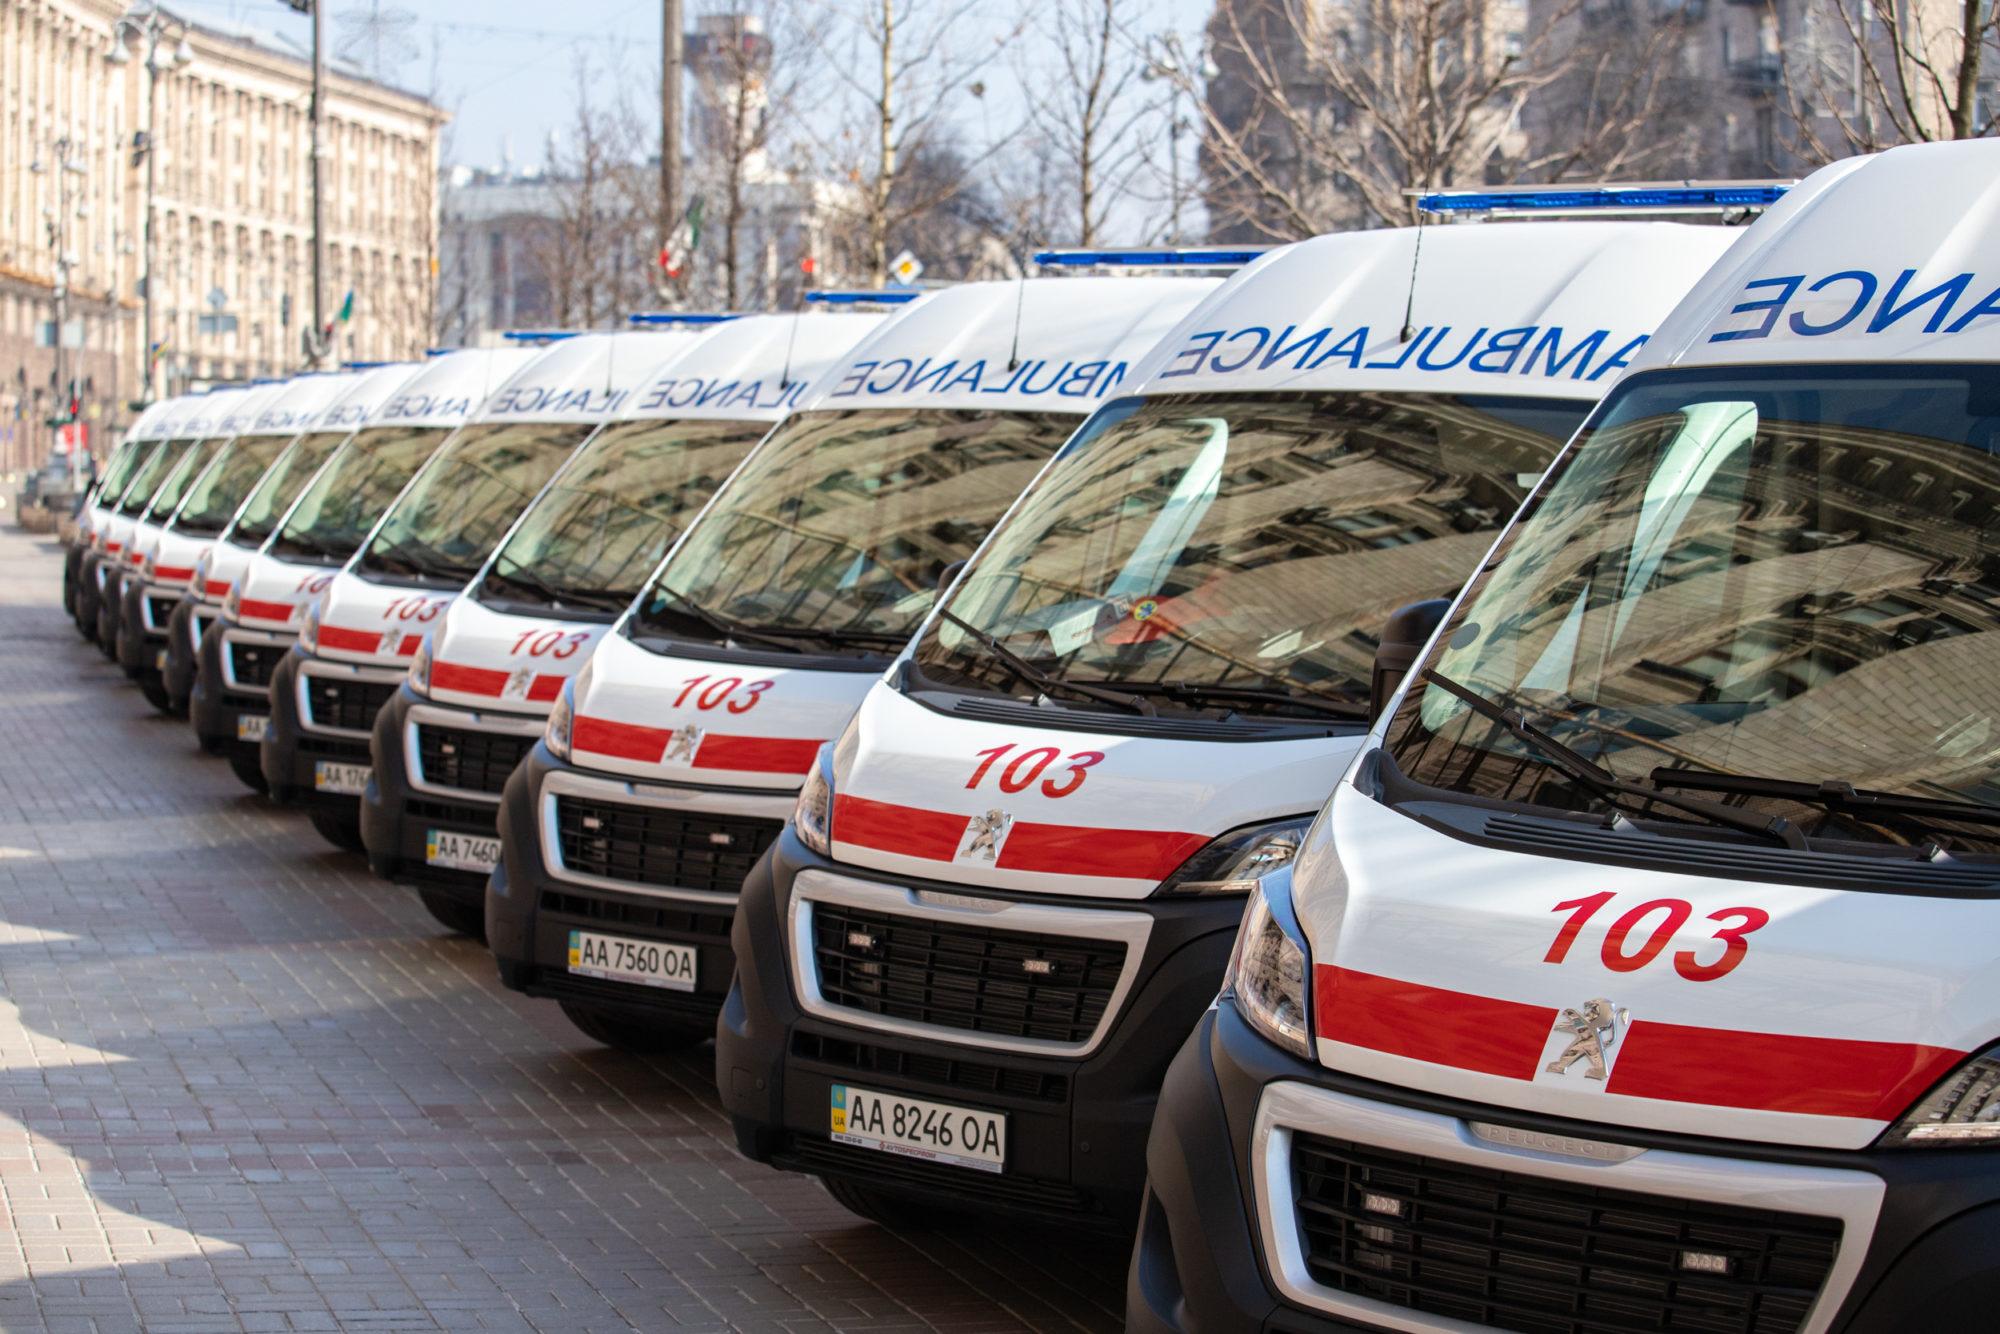 Медики столиці отримали від Віталія Кличка 39 нових «швидких» та 2 експрес-лабораторії для діагностування коронавірусу - коронавірус, Київ - imgbig 3 2 2000x1334